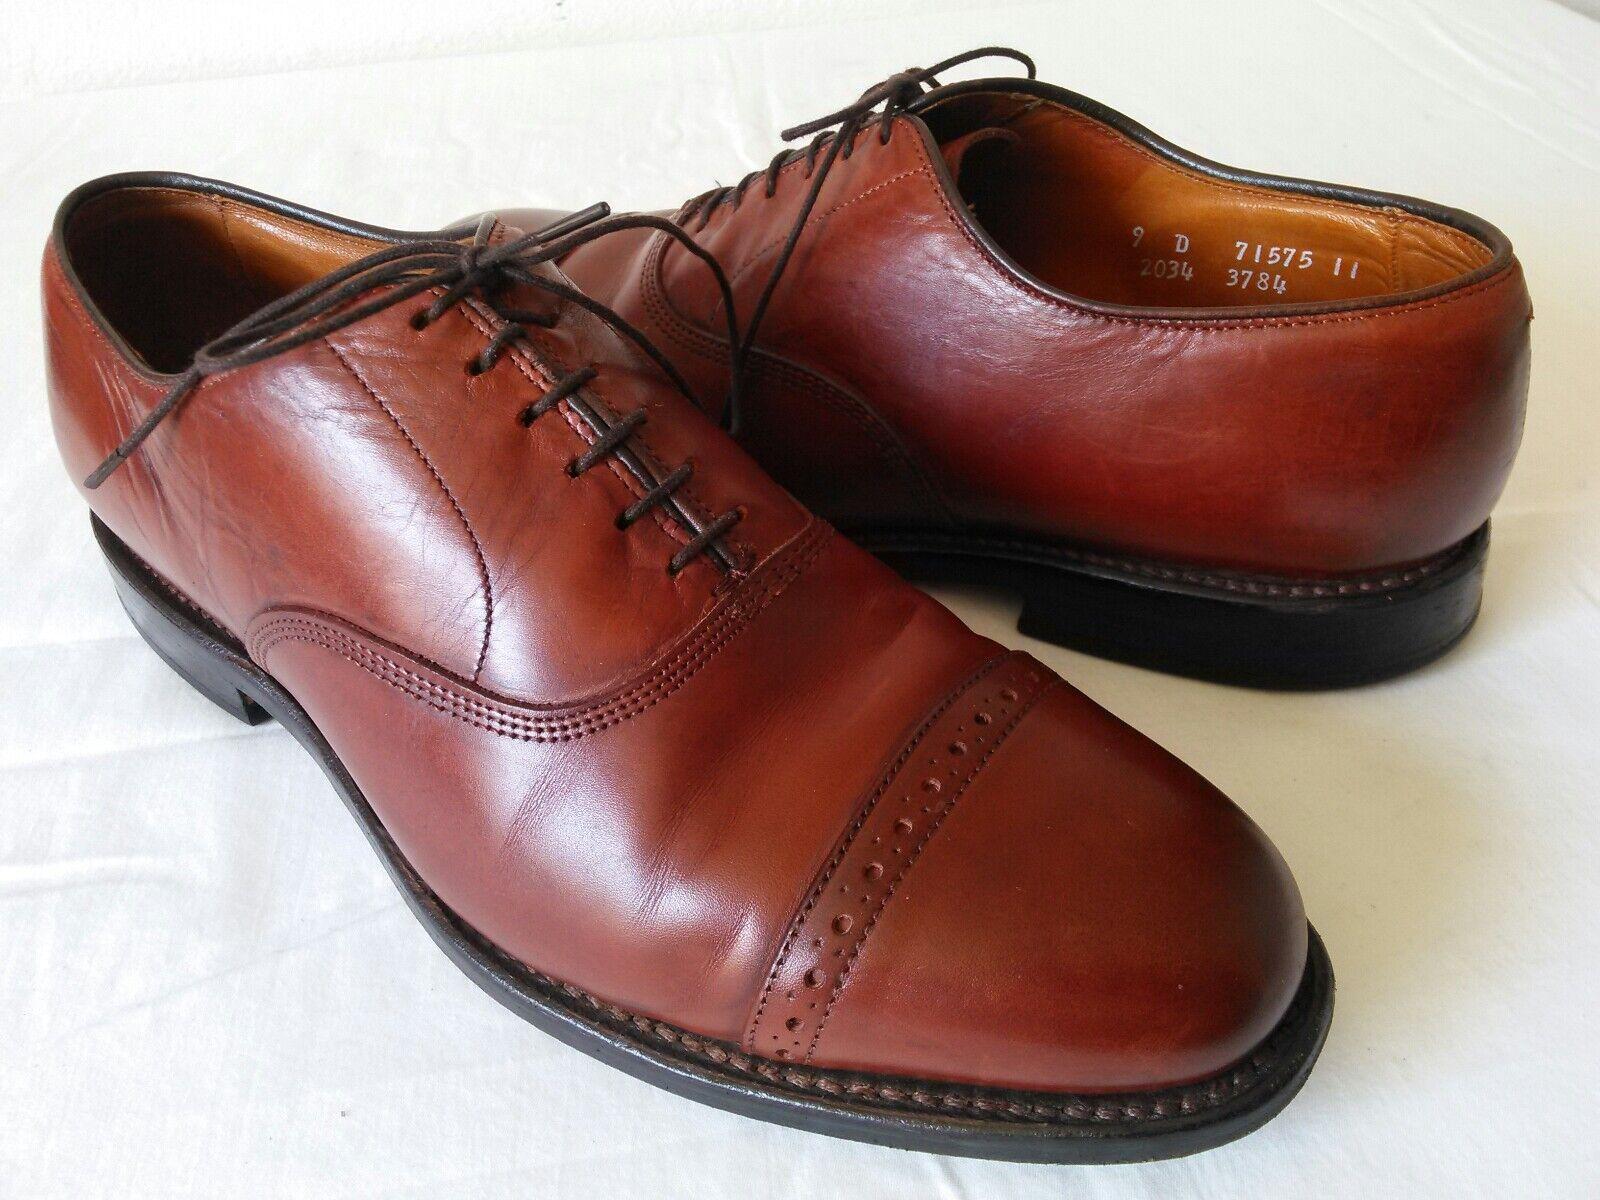 Premium Quality ALLEN EDMONDS Byron Men's Brown all Leather cap-toe oxfords 9 D